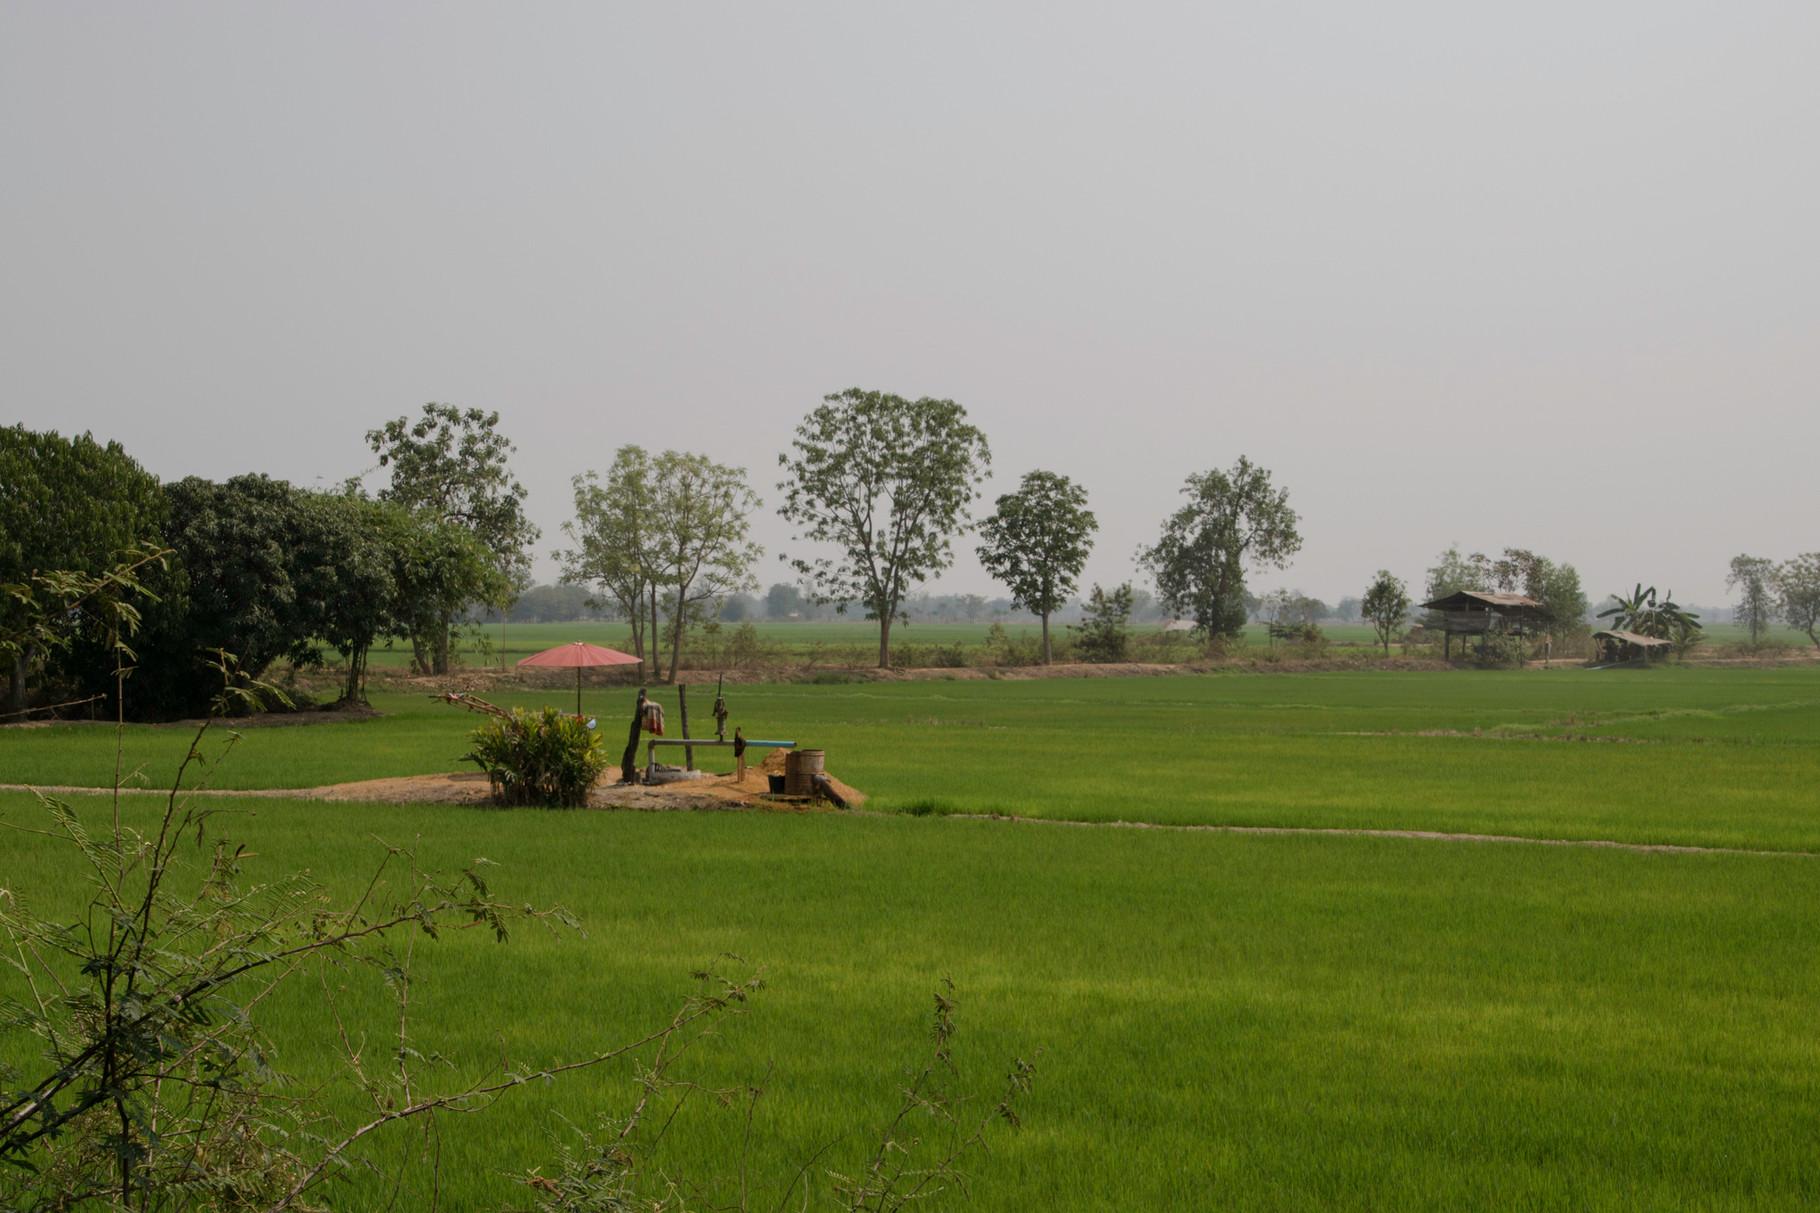 Saftig grüne Reisfelder